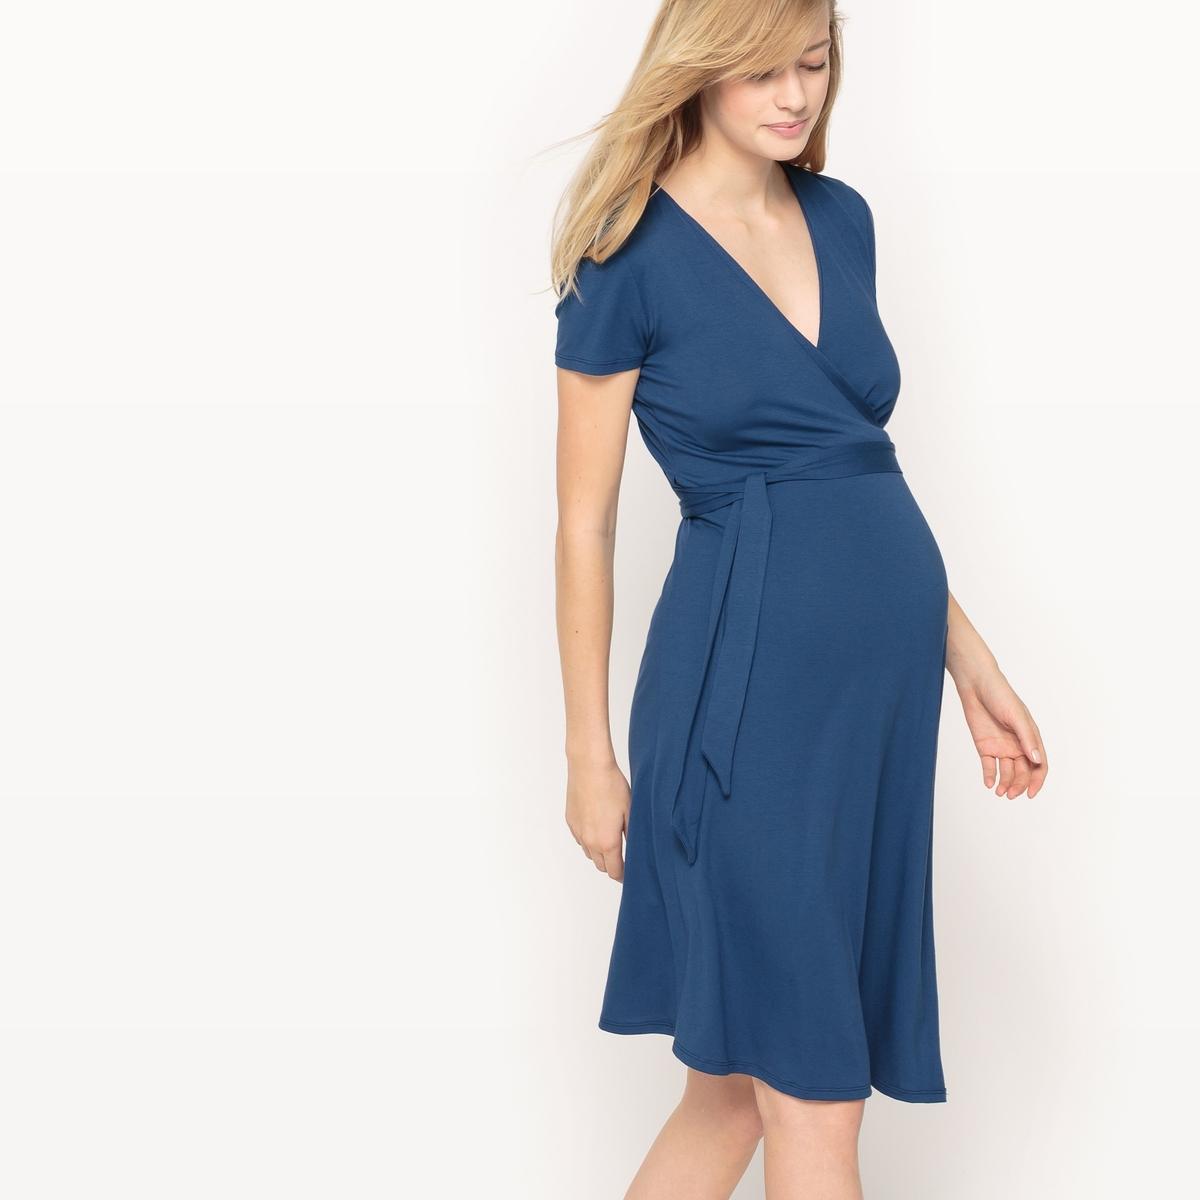 Платье с запахом для периода беременностиДетали  •  Форма :с запахом •  Длина до колен •  Короткие рукава    •   V-образный вырез Состав и уход •  95% вискозы, 5% эластана  •  Стирать при 30° на деликатном режиме  •  Сухая чистка и отбеливание запрещены   •  Не использовать барабанную сушку  •  Низкая температура глажки Изделие адаптировано для периода беременности<br><br>Цвет: синий,черный<br>Размер: S.M.S.M